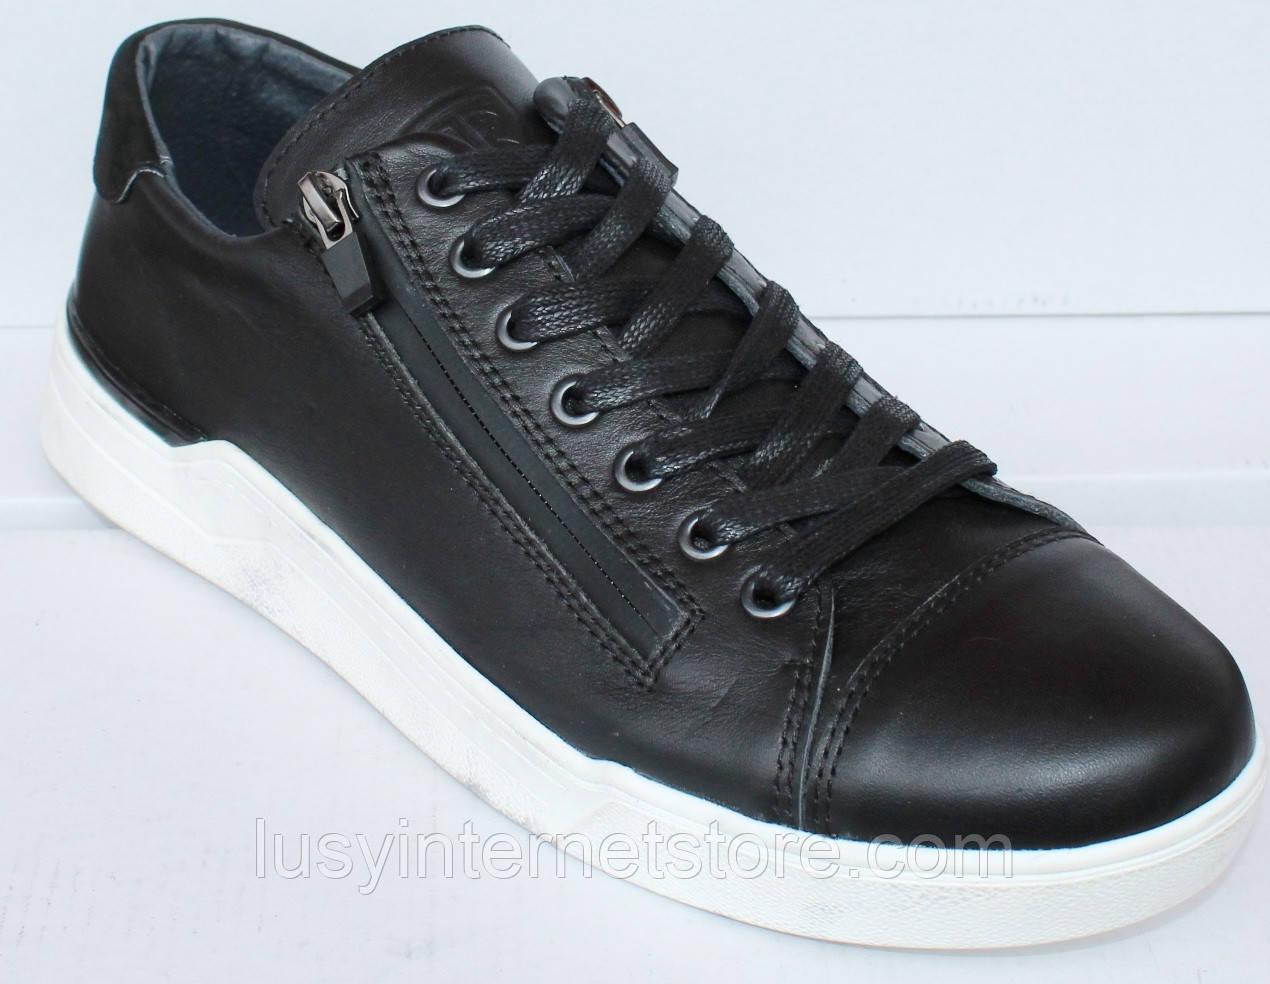 Туфлі шкіряні чоловічі на шнурках від виробника модель ТР16